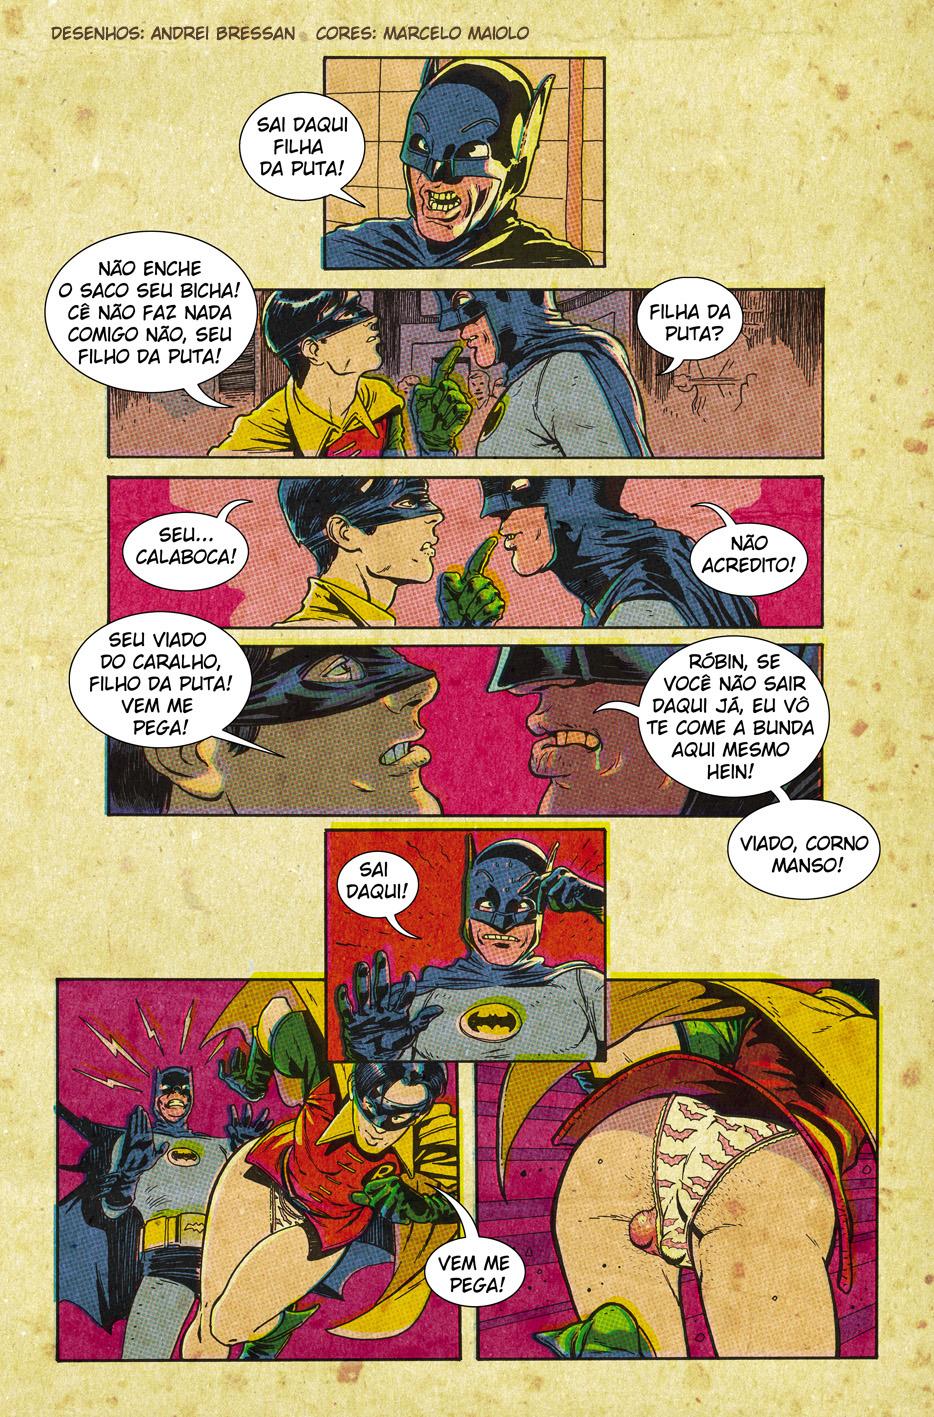 [Tópico Oficial] Batman na Feira da Fruta em Quadrinhos - Página 3 Feira+da+Fruta+20